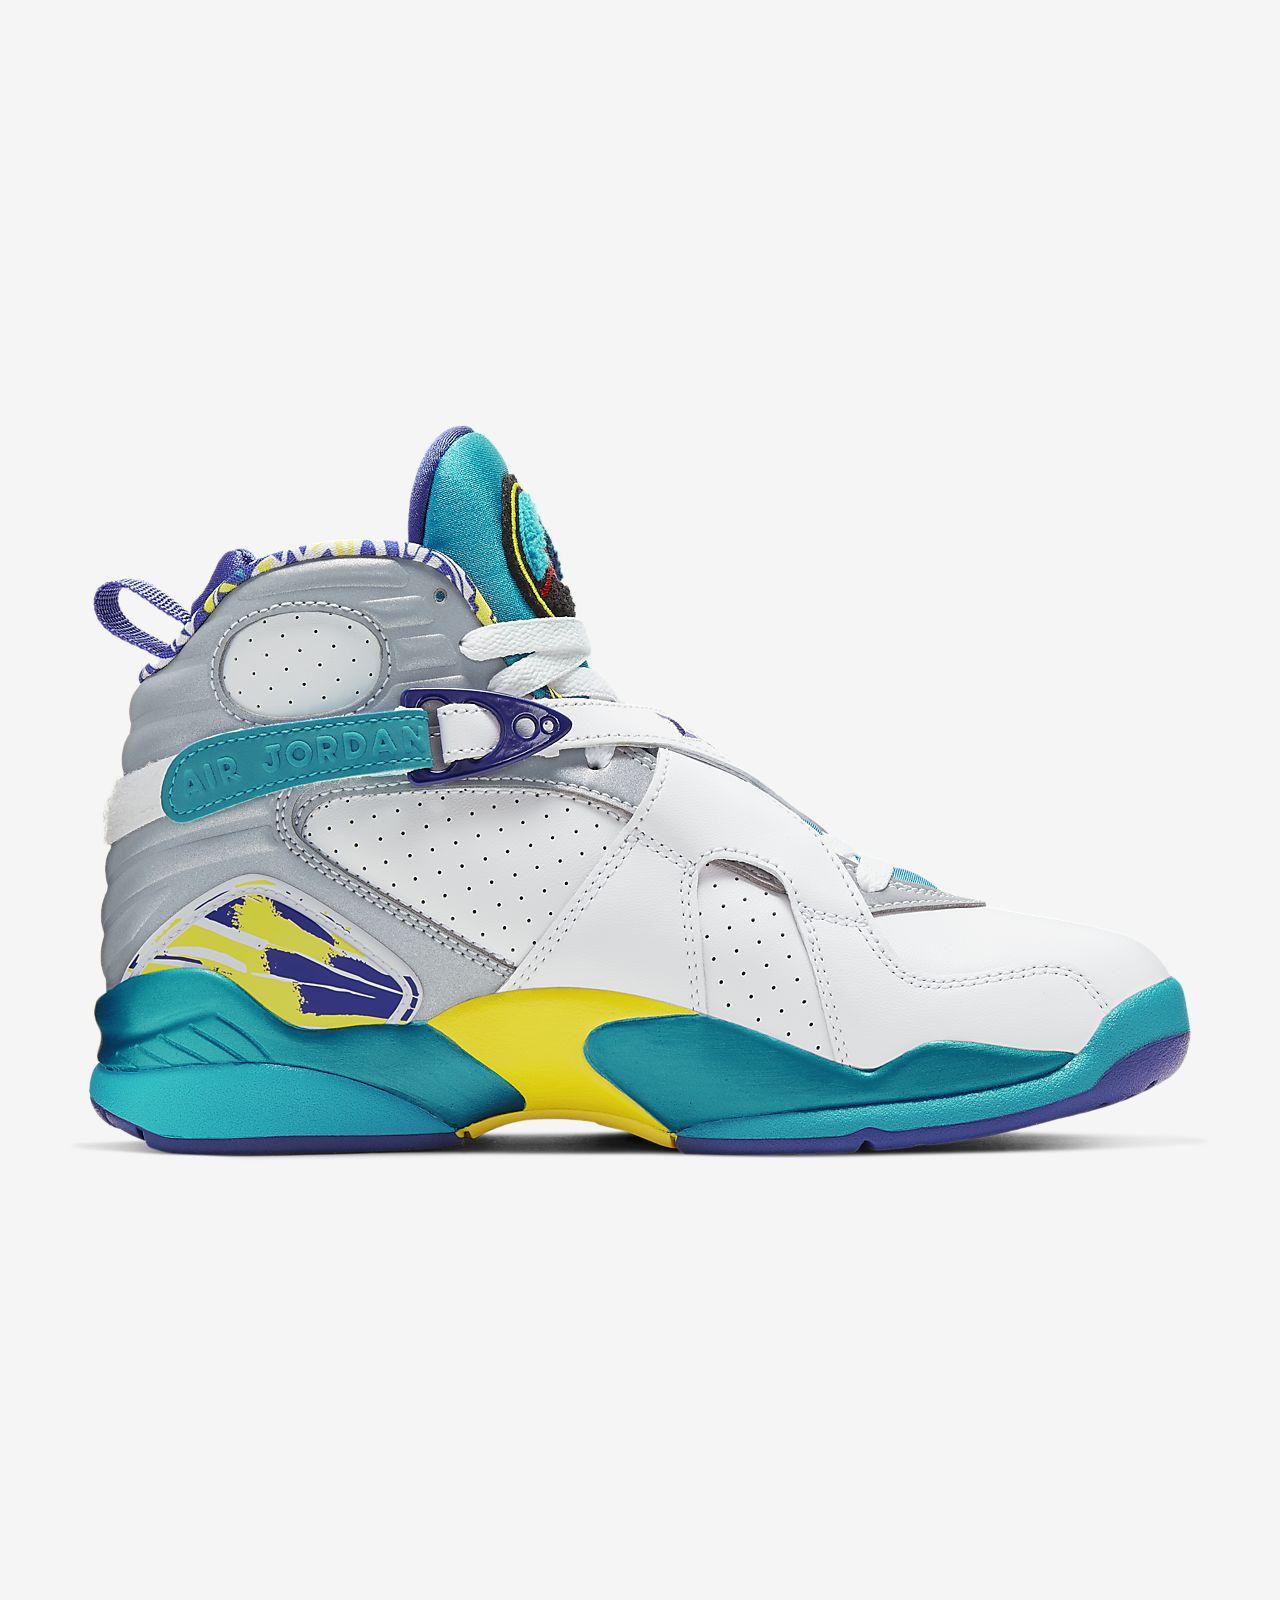 check out bfdc1 61c7b Air Jordan 8 Retro Women's Shoe